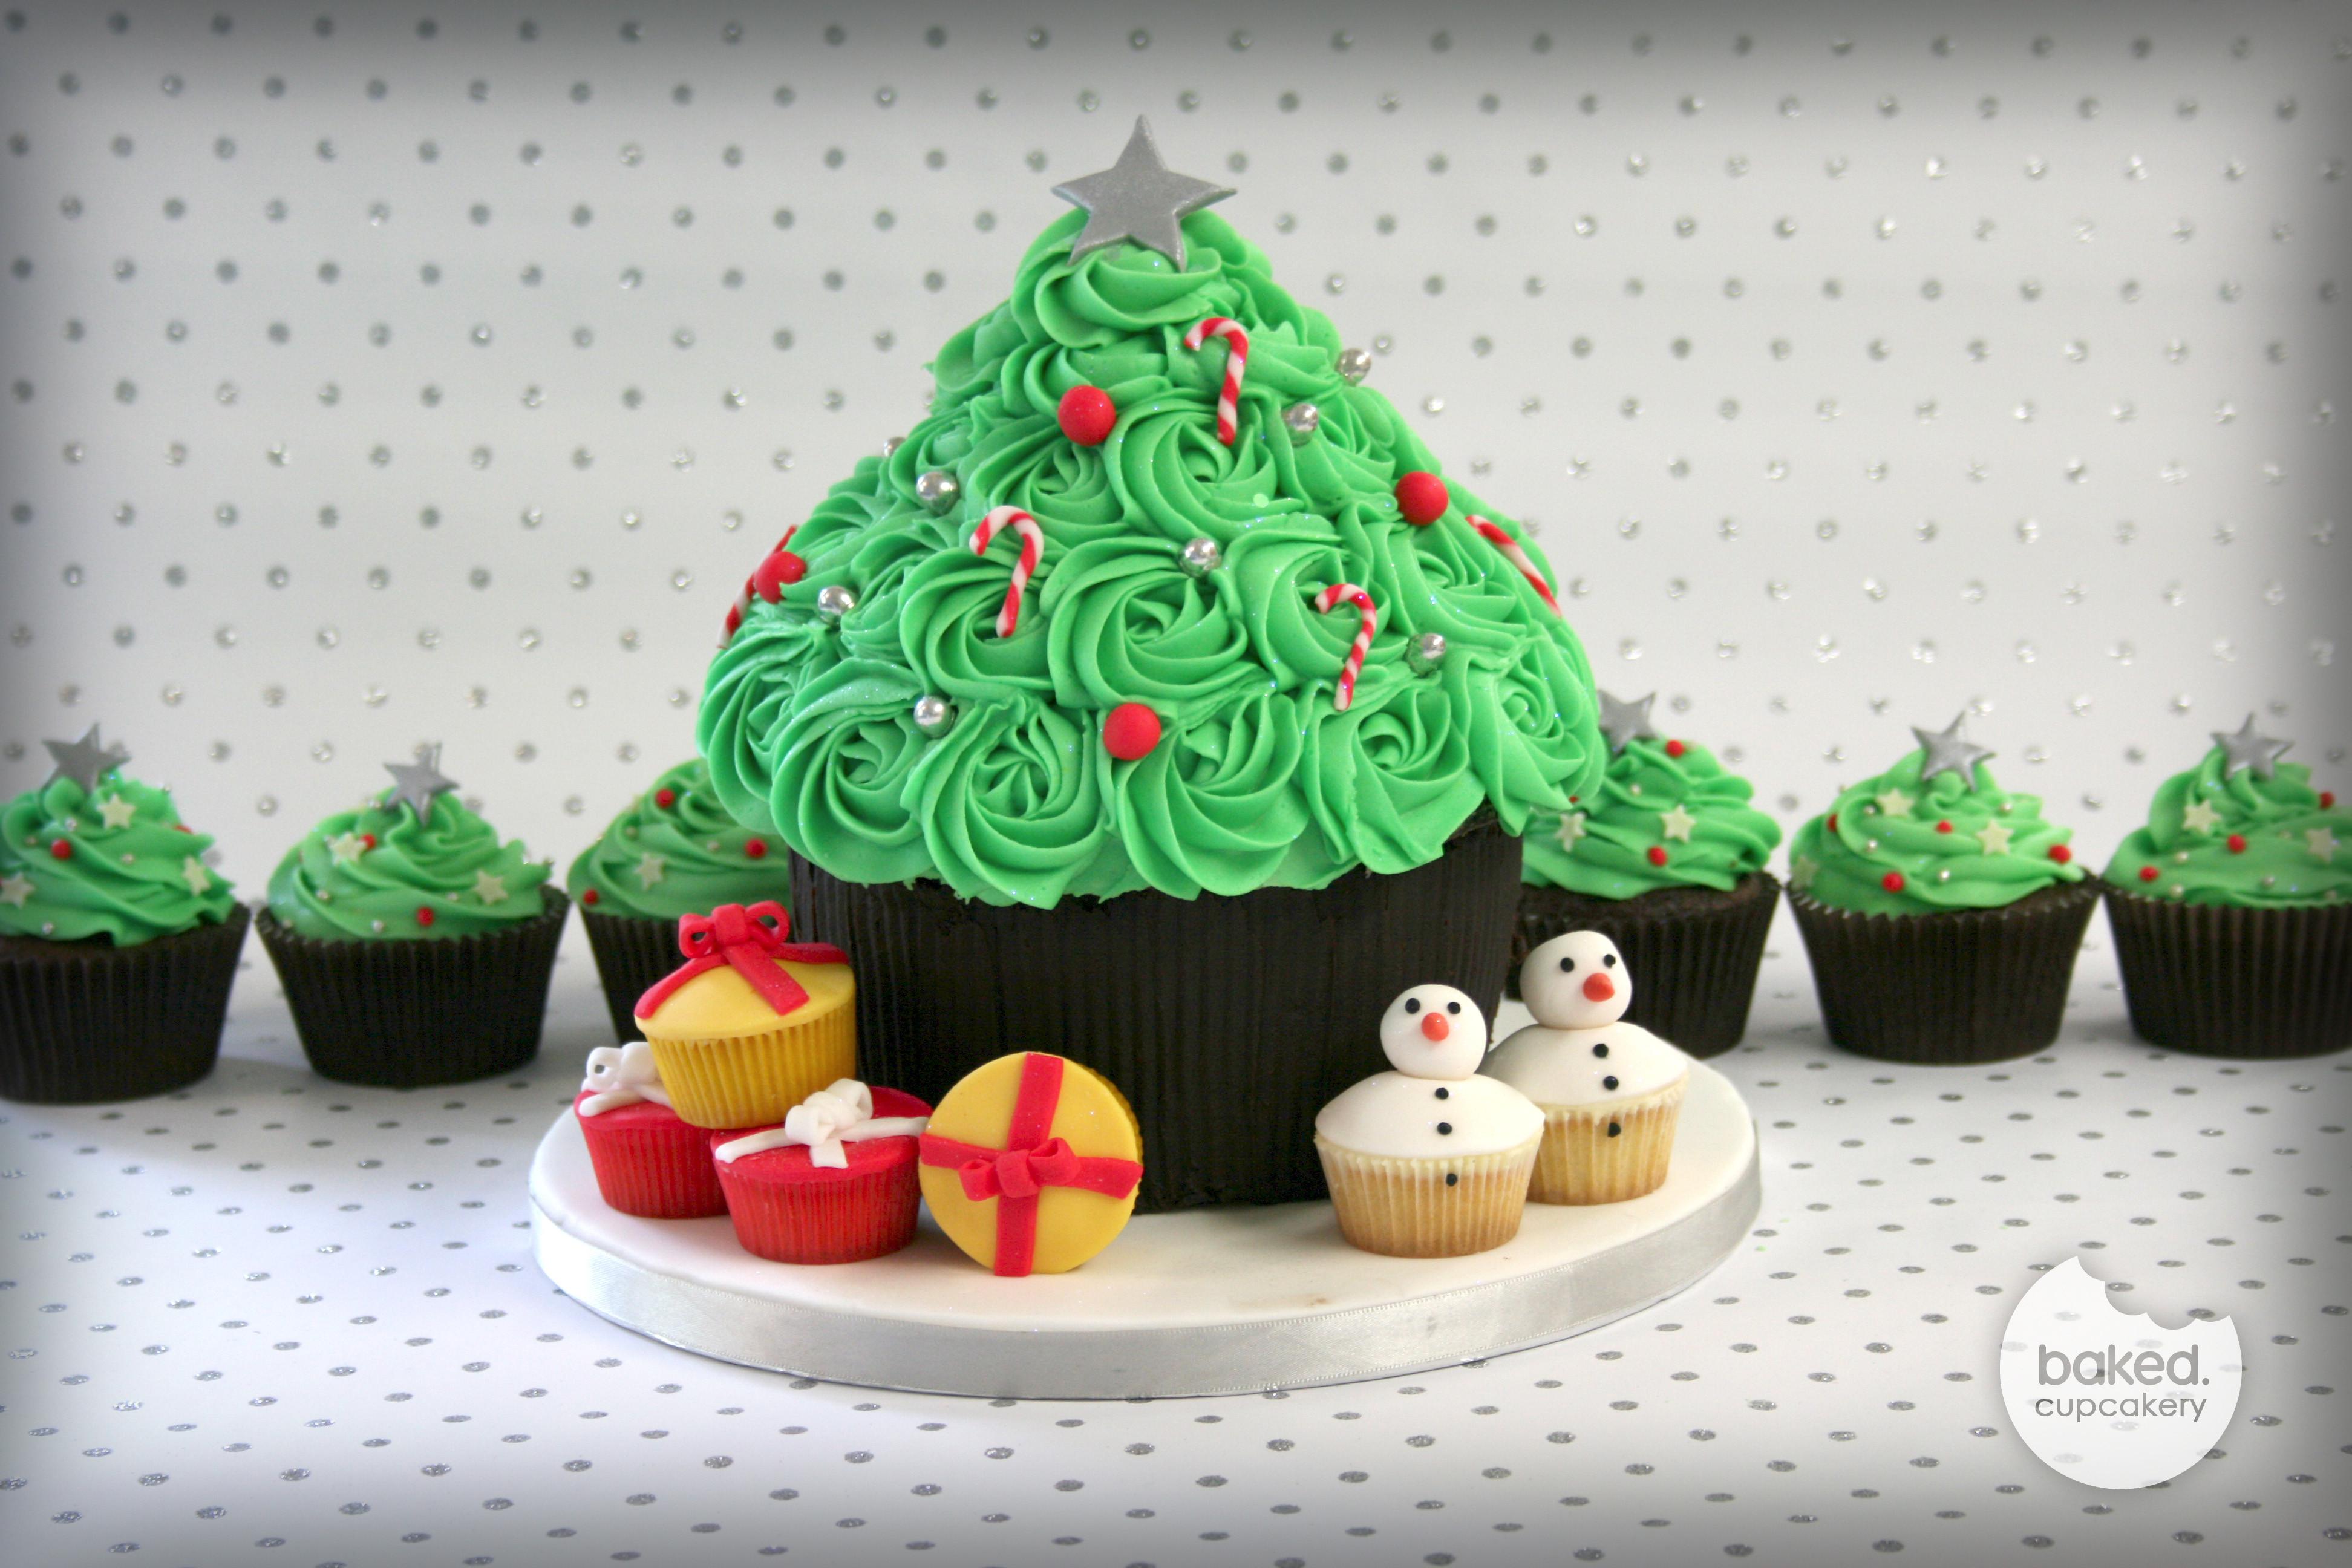 Christmas Cake Cupcakes  A Cupcake Christmas – Baked